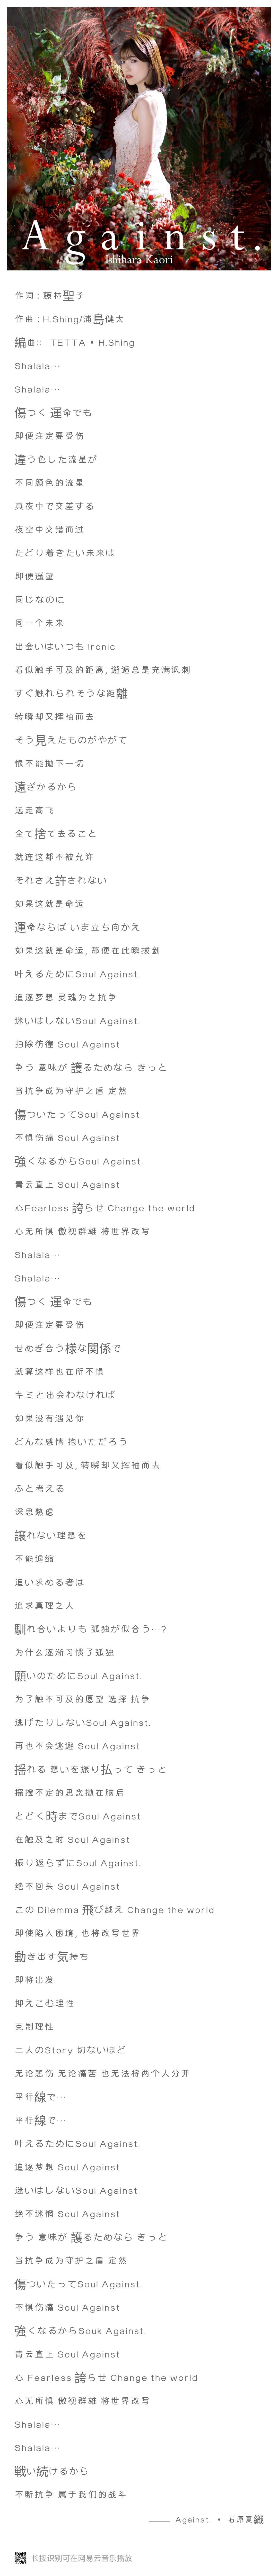 【音乐】Against~这是你与我的最后战场,或是开创世界的圣战-小柚妹站